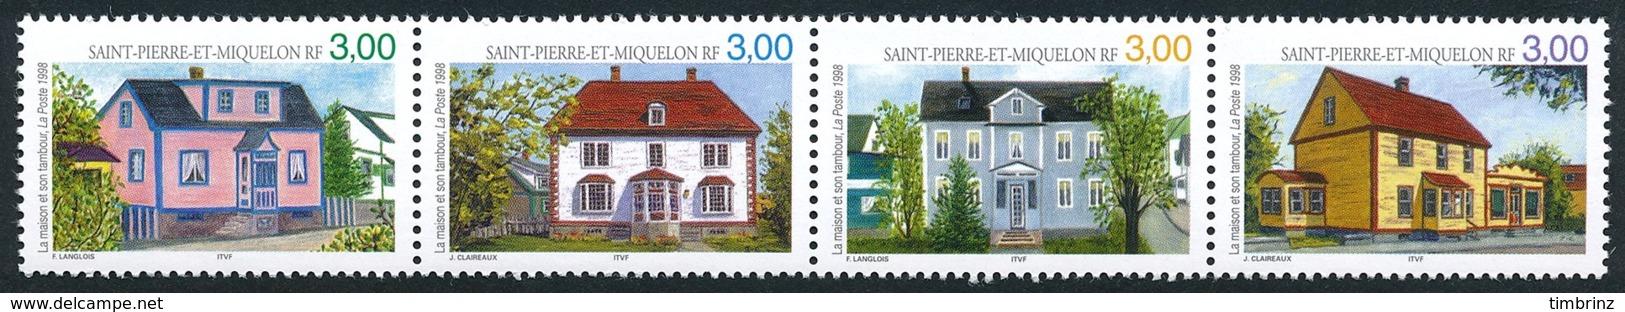 ST-PIERRE ET MIQUELON 1998 - Yv. 676 677 678 679 ** TB  Faciale= 1,83 EUR - Maison Et Tambour (4 Val.)  ..Réf.SPM11546 - St.Pierre Et Miquelon